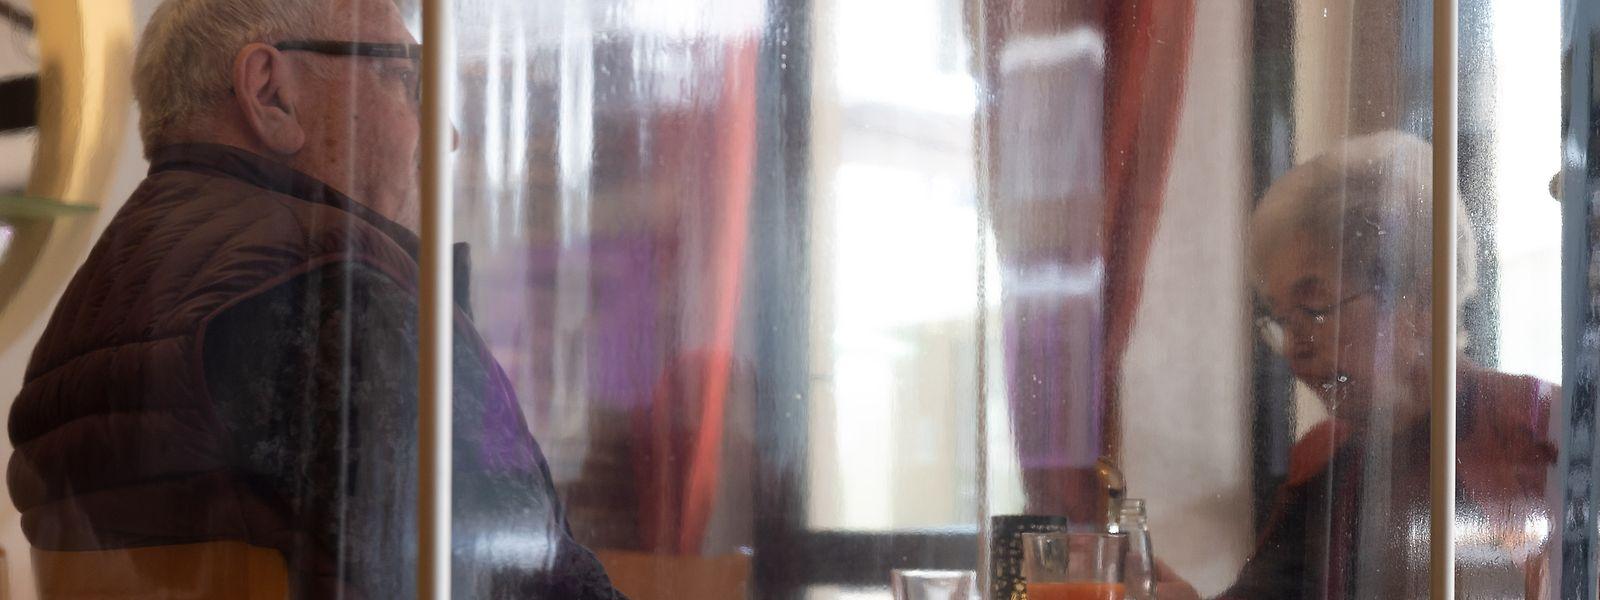 Ein Paar wartet in einem Restaurant in Echternach auf das Essen. Die Tische sind durch durchsichtige Schutzwände voneinander getrennt.